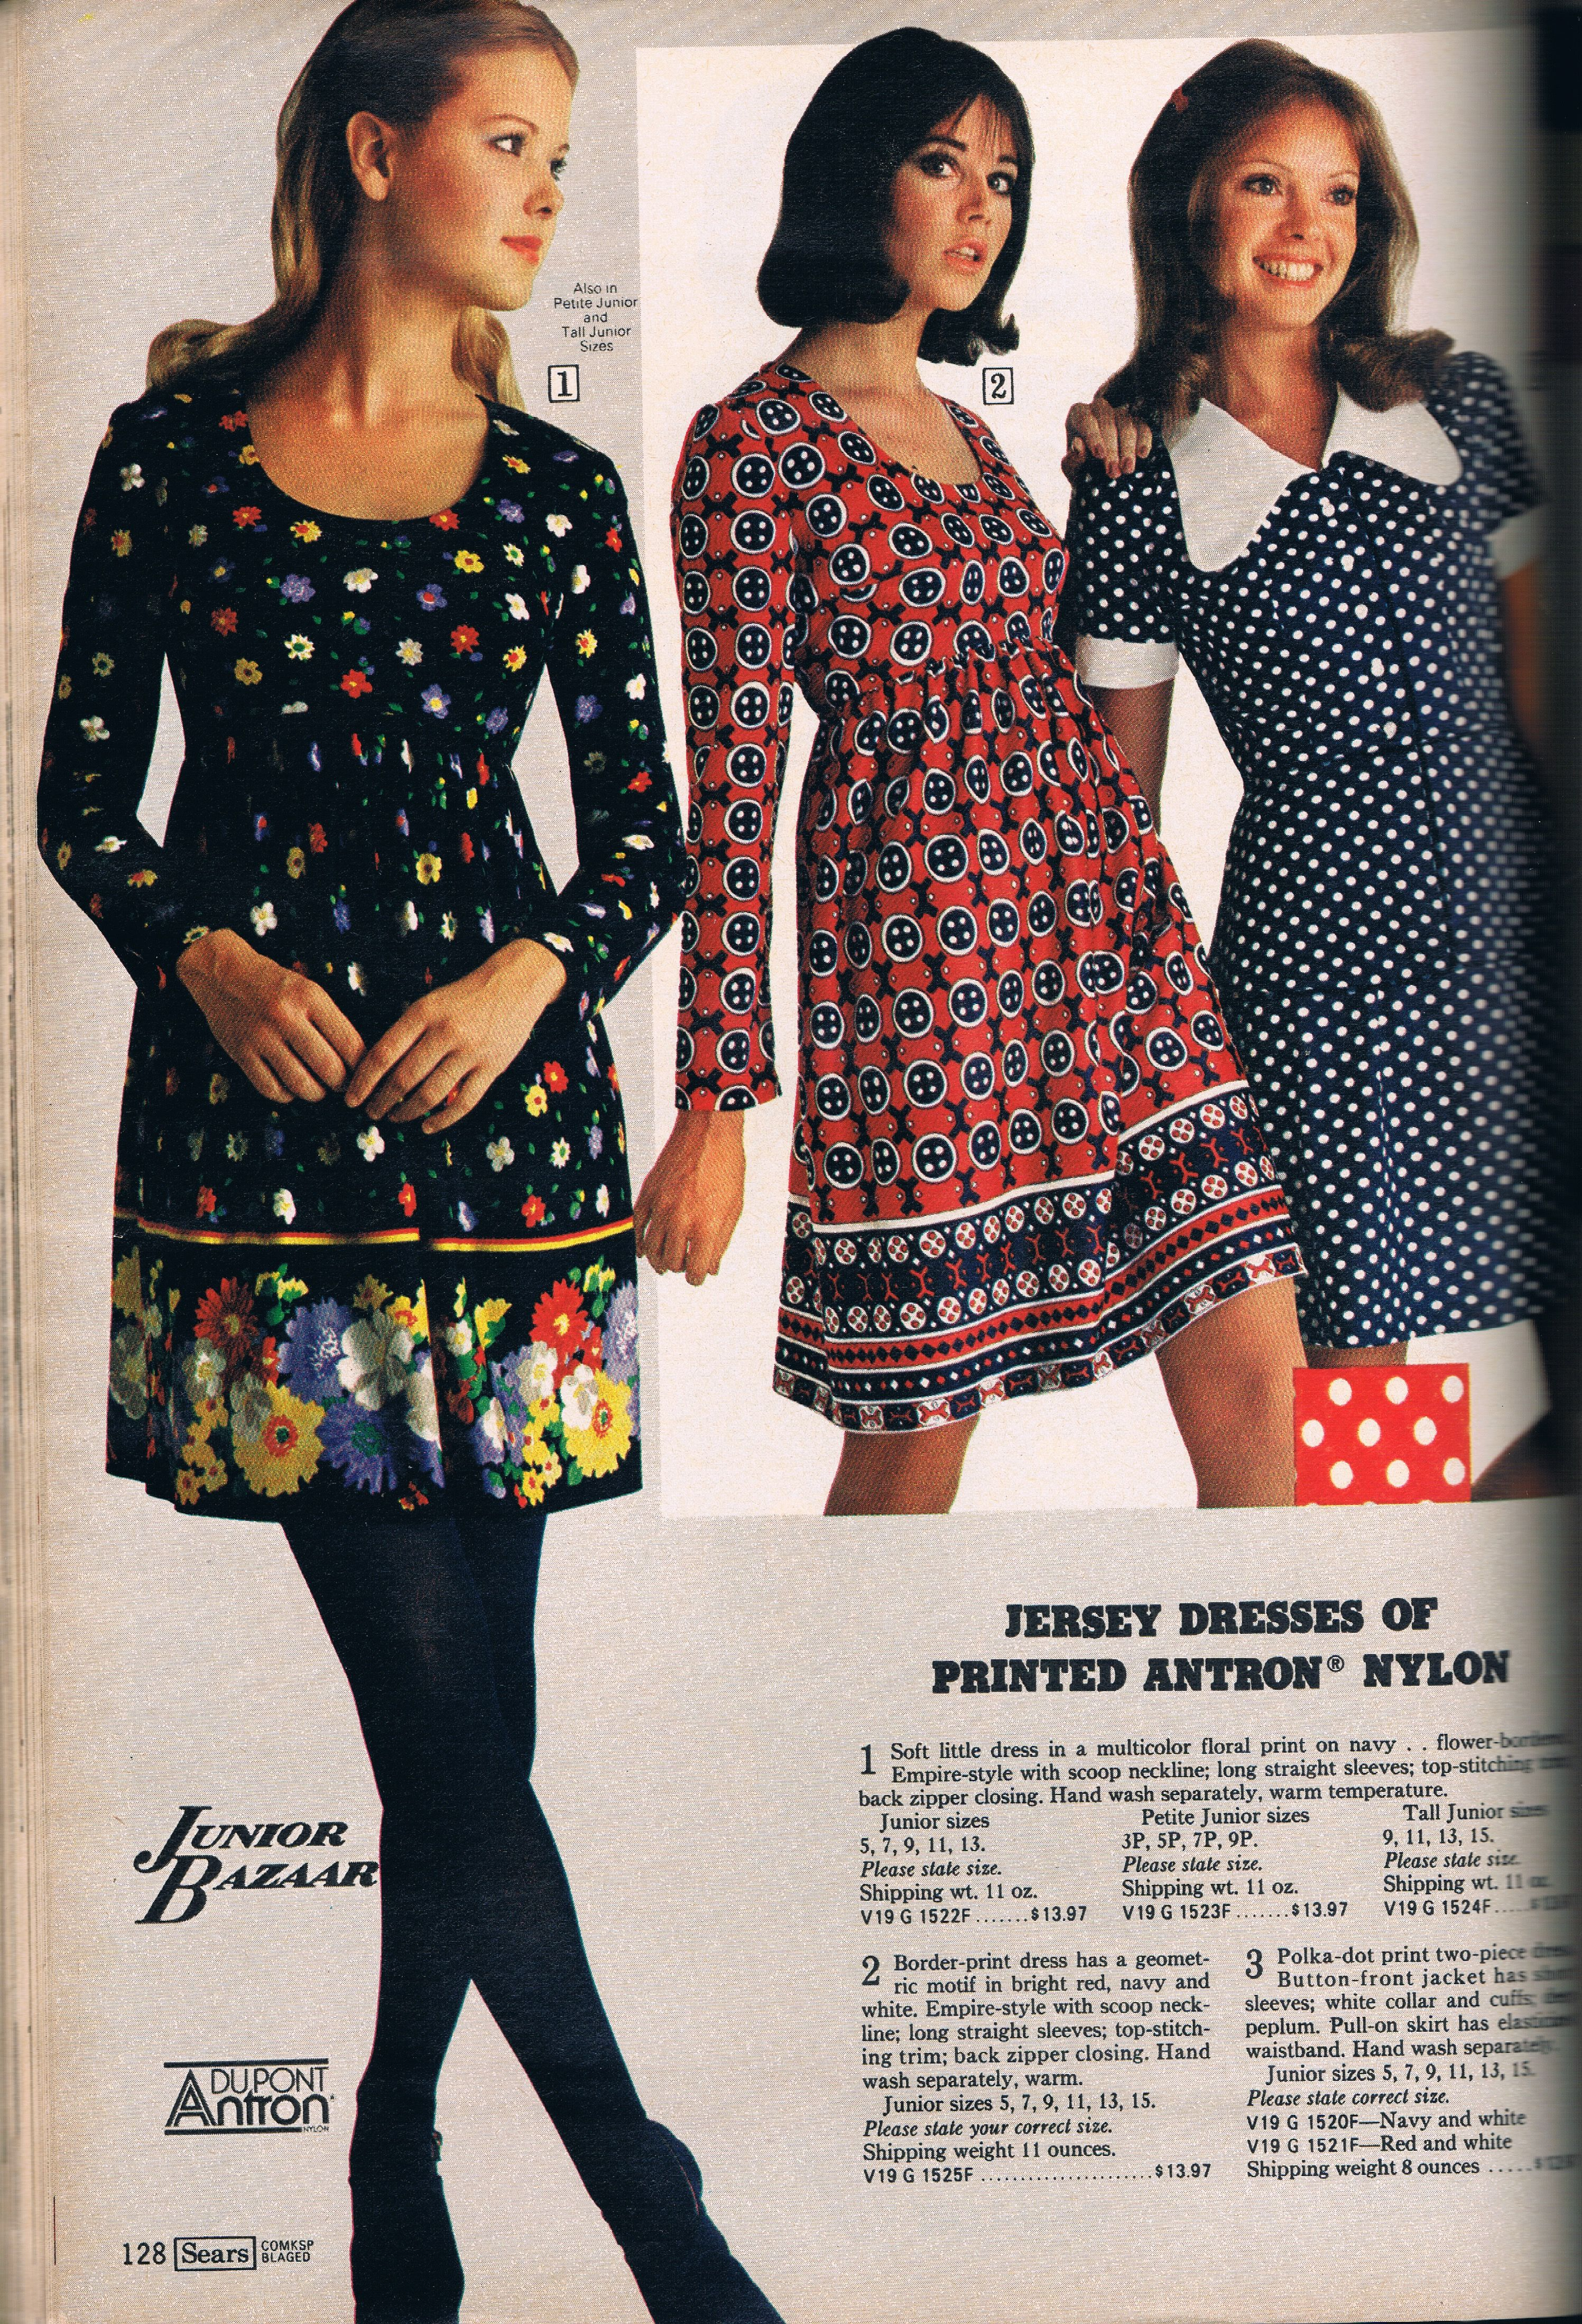 Junior Dress Catalog